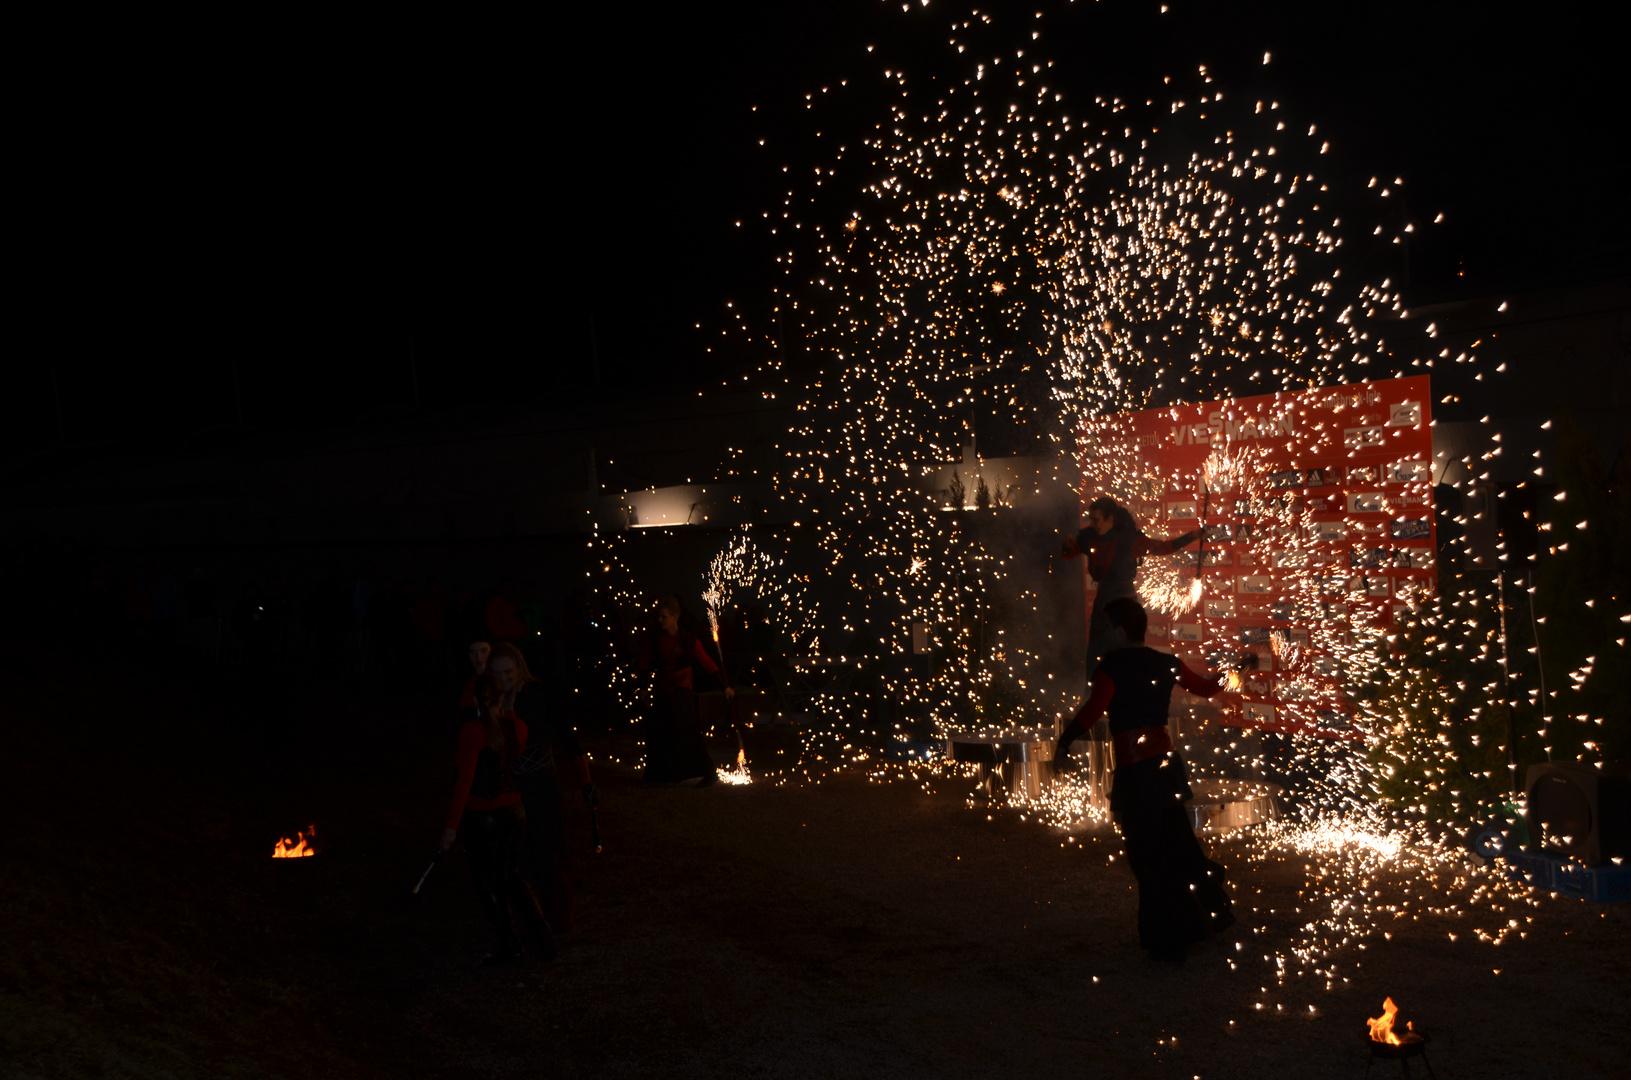 Die Flamme brennt :)